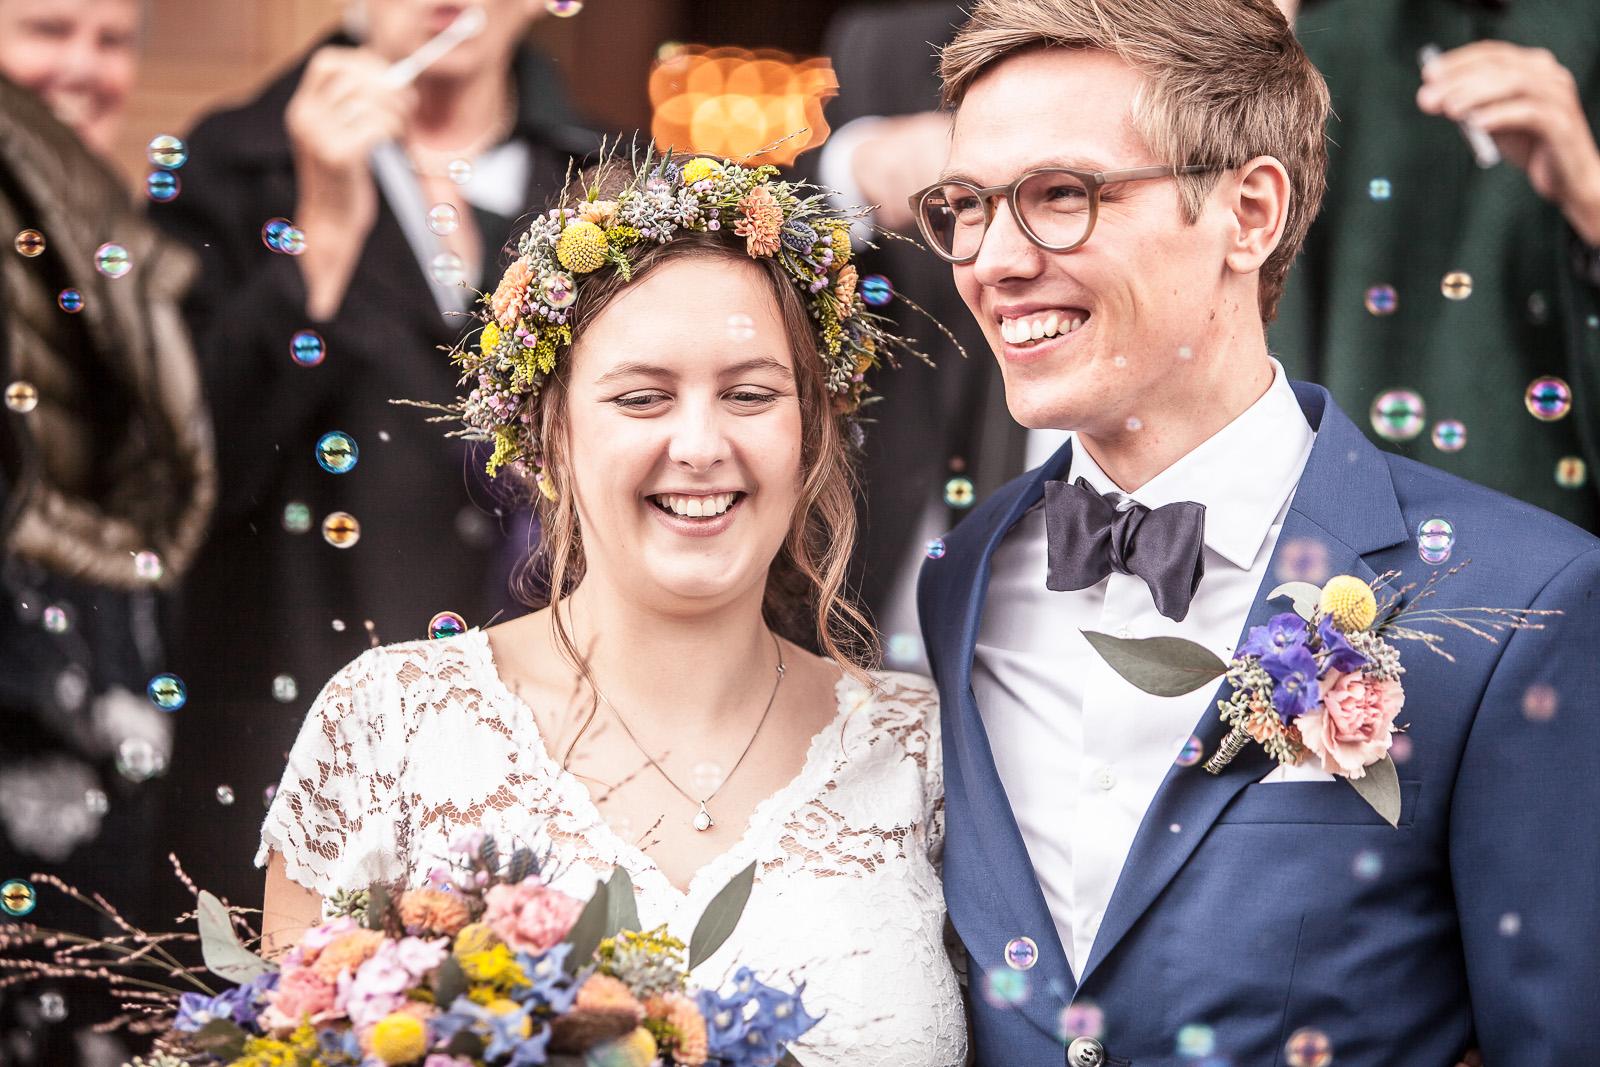 Fantastisk fotograf til bryllup!!